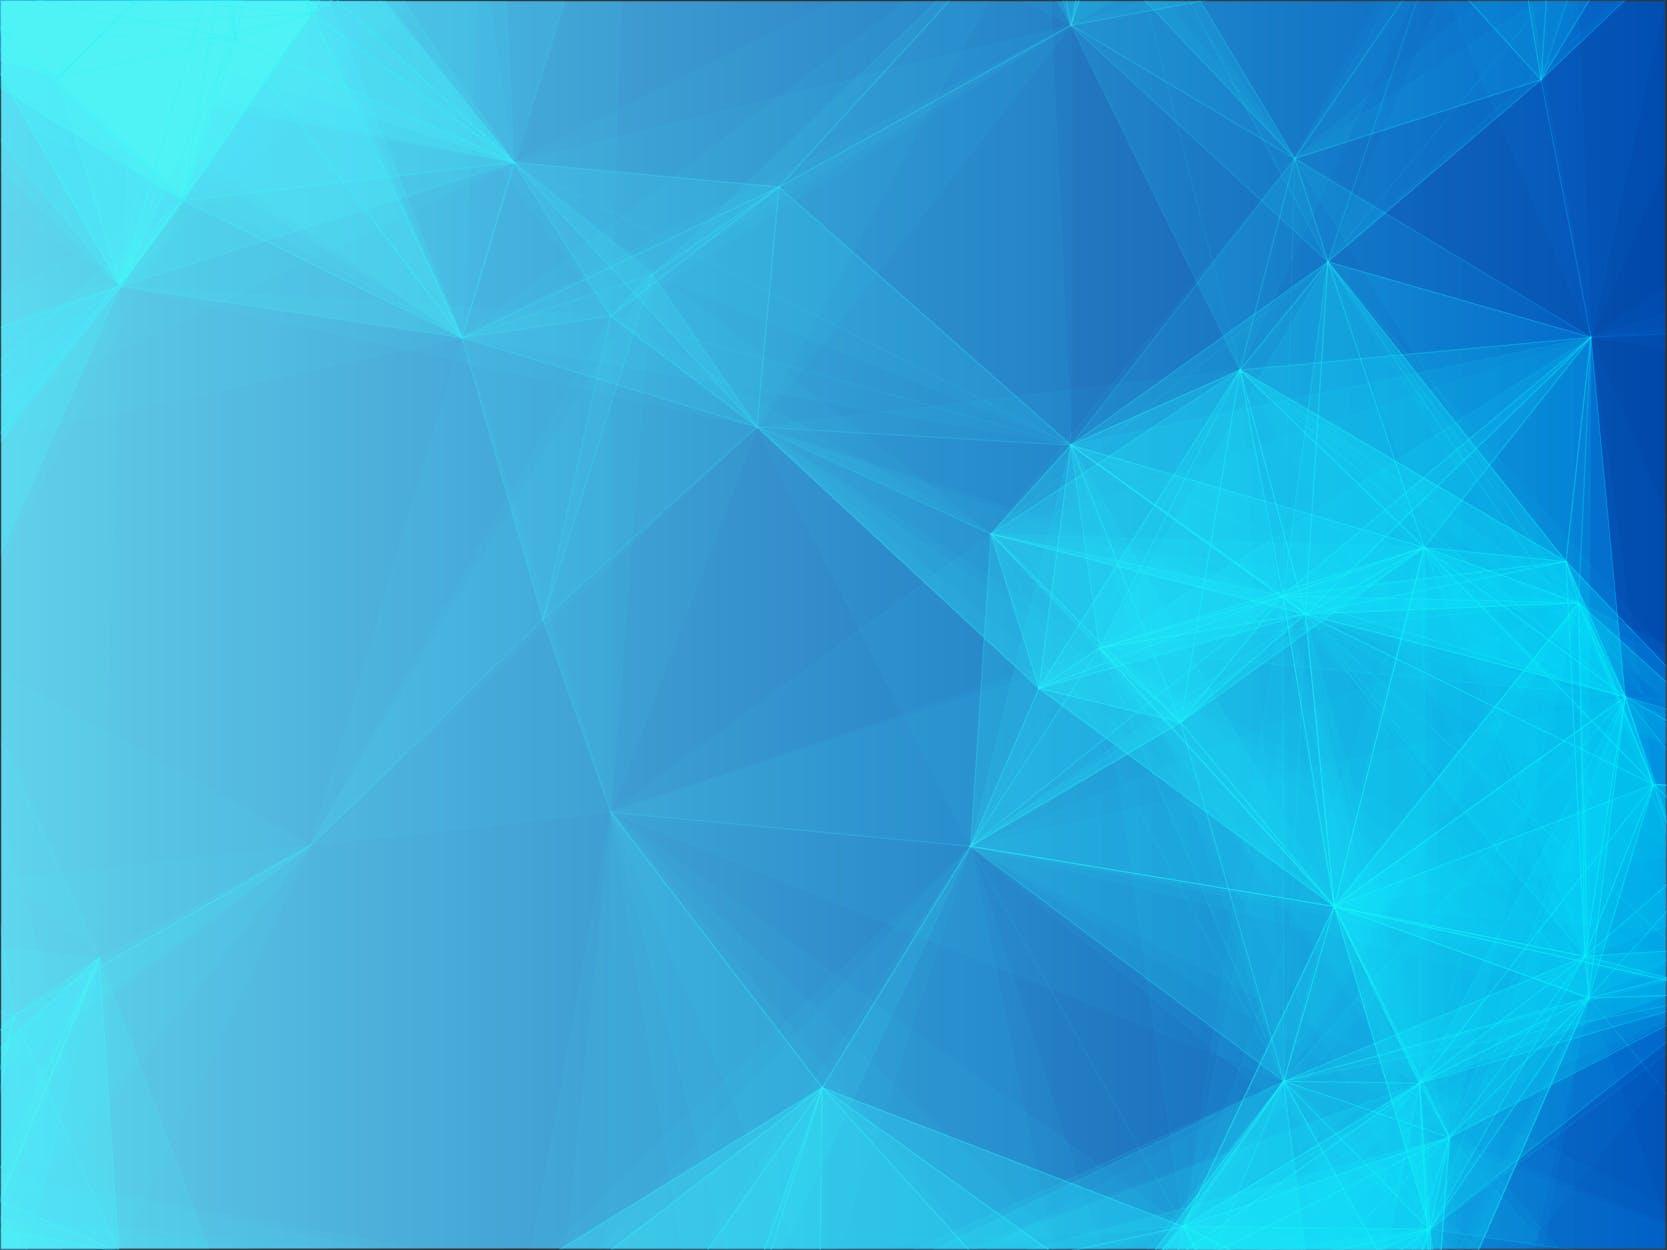 6款脑部融化效果几何图案矢量素材 Polygon Geometric Collection 3插图(3)